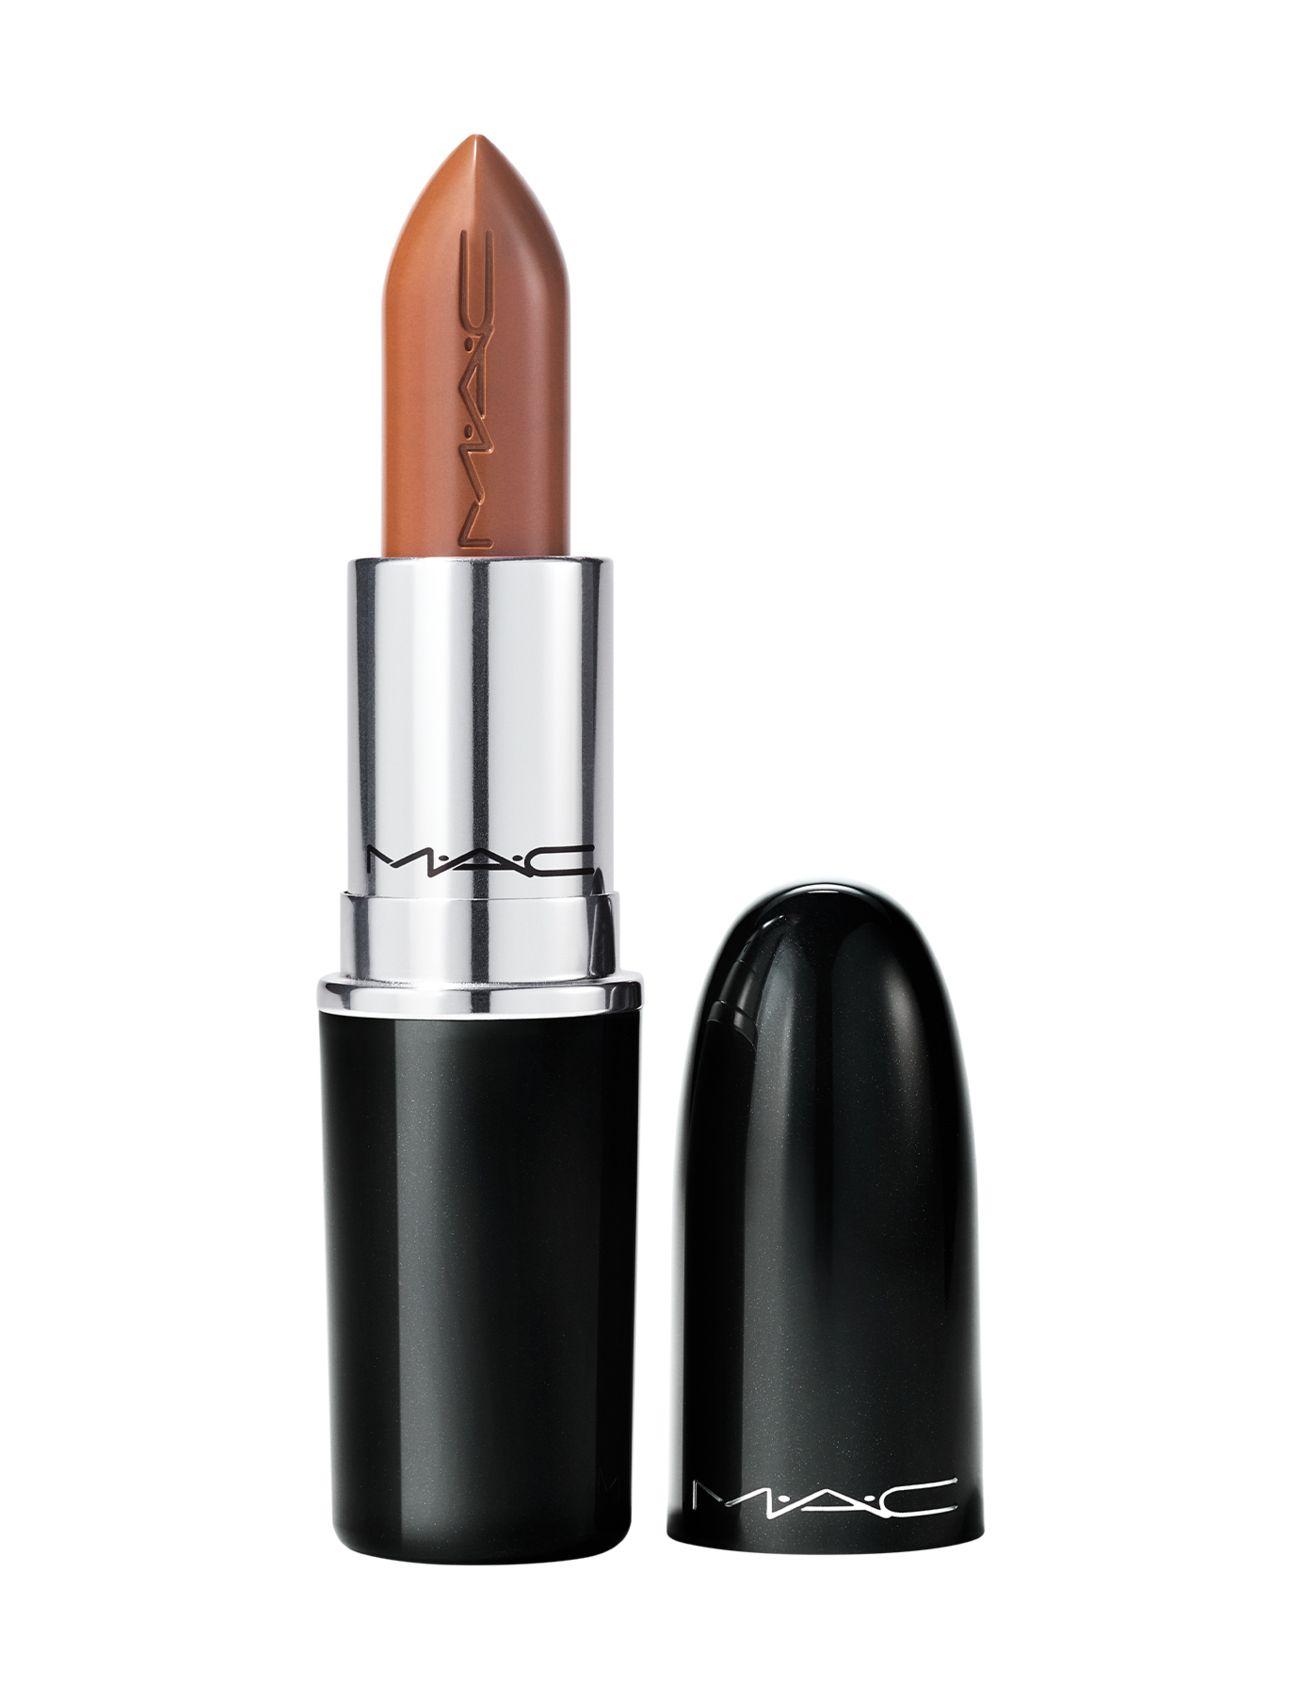 Lustreglass Lipstick Læbestift Makeup Beige M.A.C.